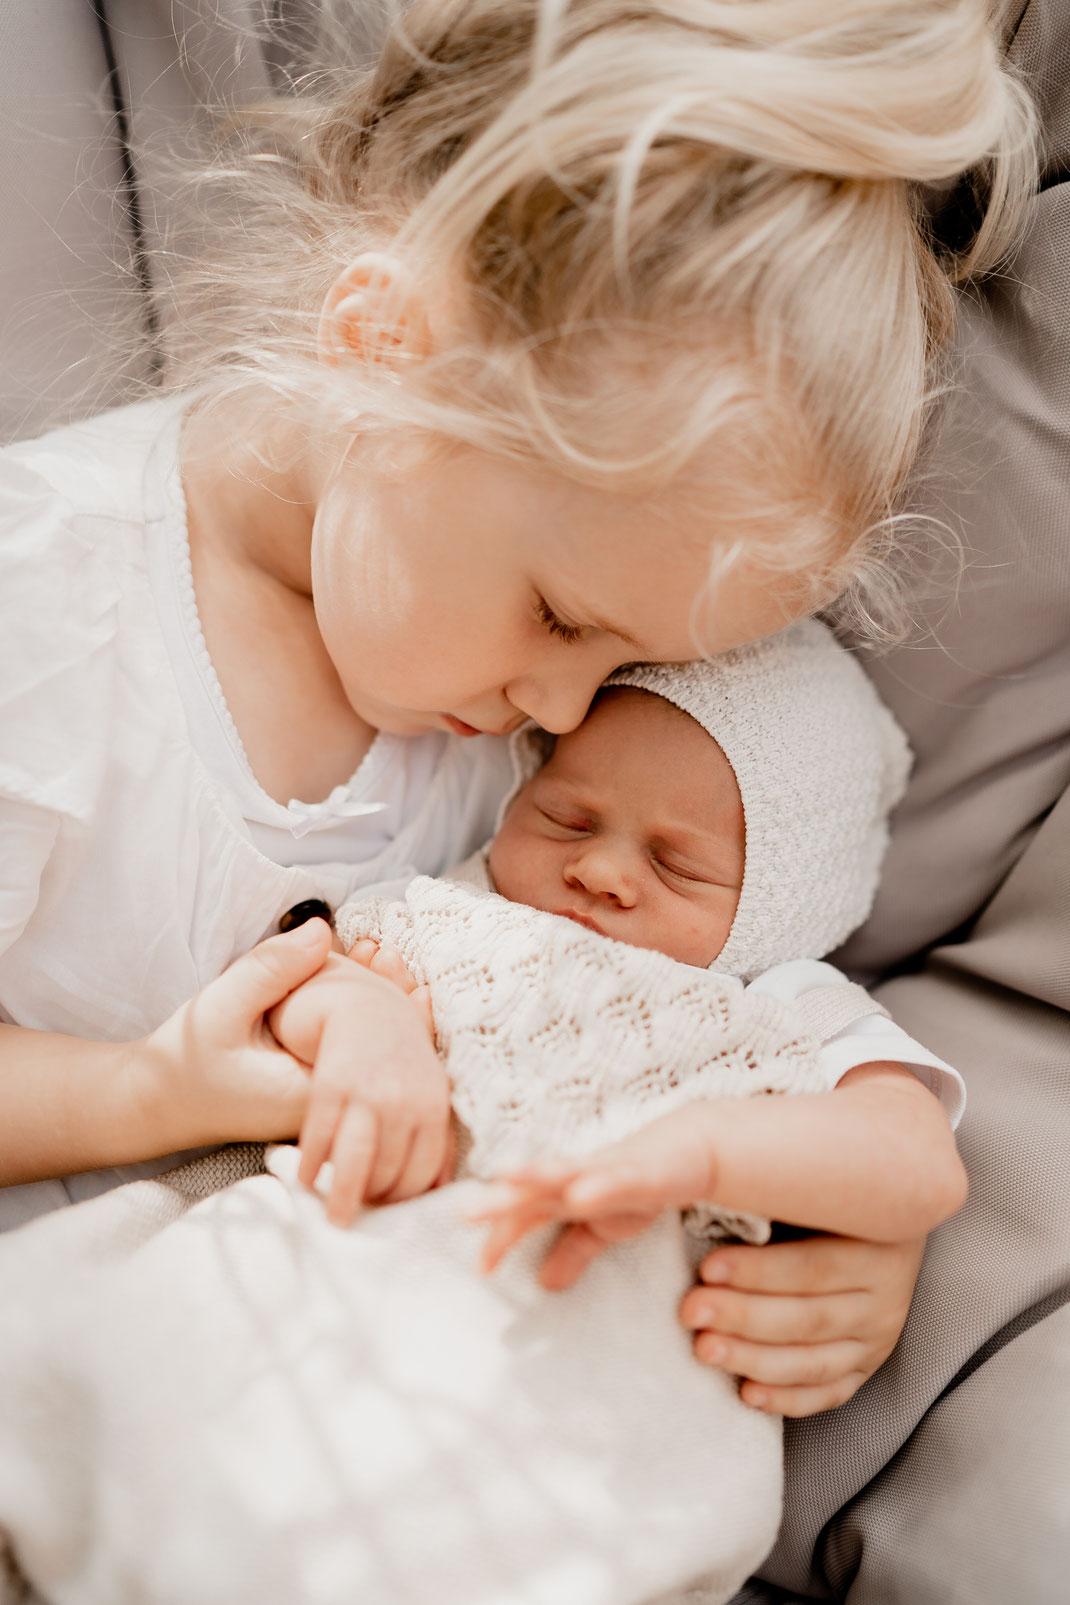 homestory, newborn, baby, neugeborenes, neugeboren, zuhause, foto, home, bremervörde, zeven, sittensen, buxtehude, horneburg, bremen, hamburg, kinderzeimmer, kuscheln, große schwester, freundin, liebe